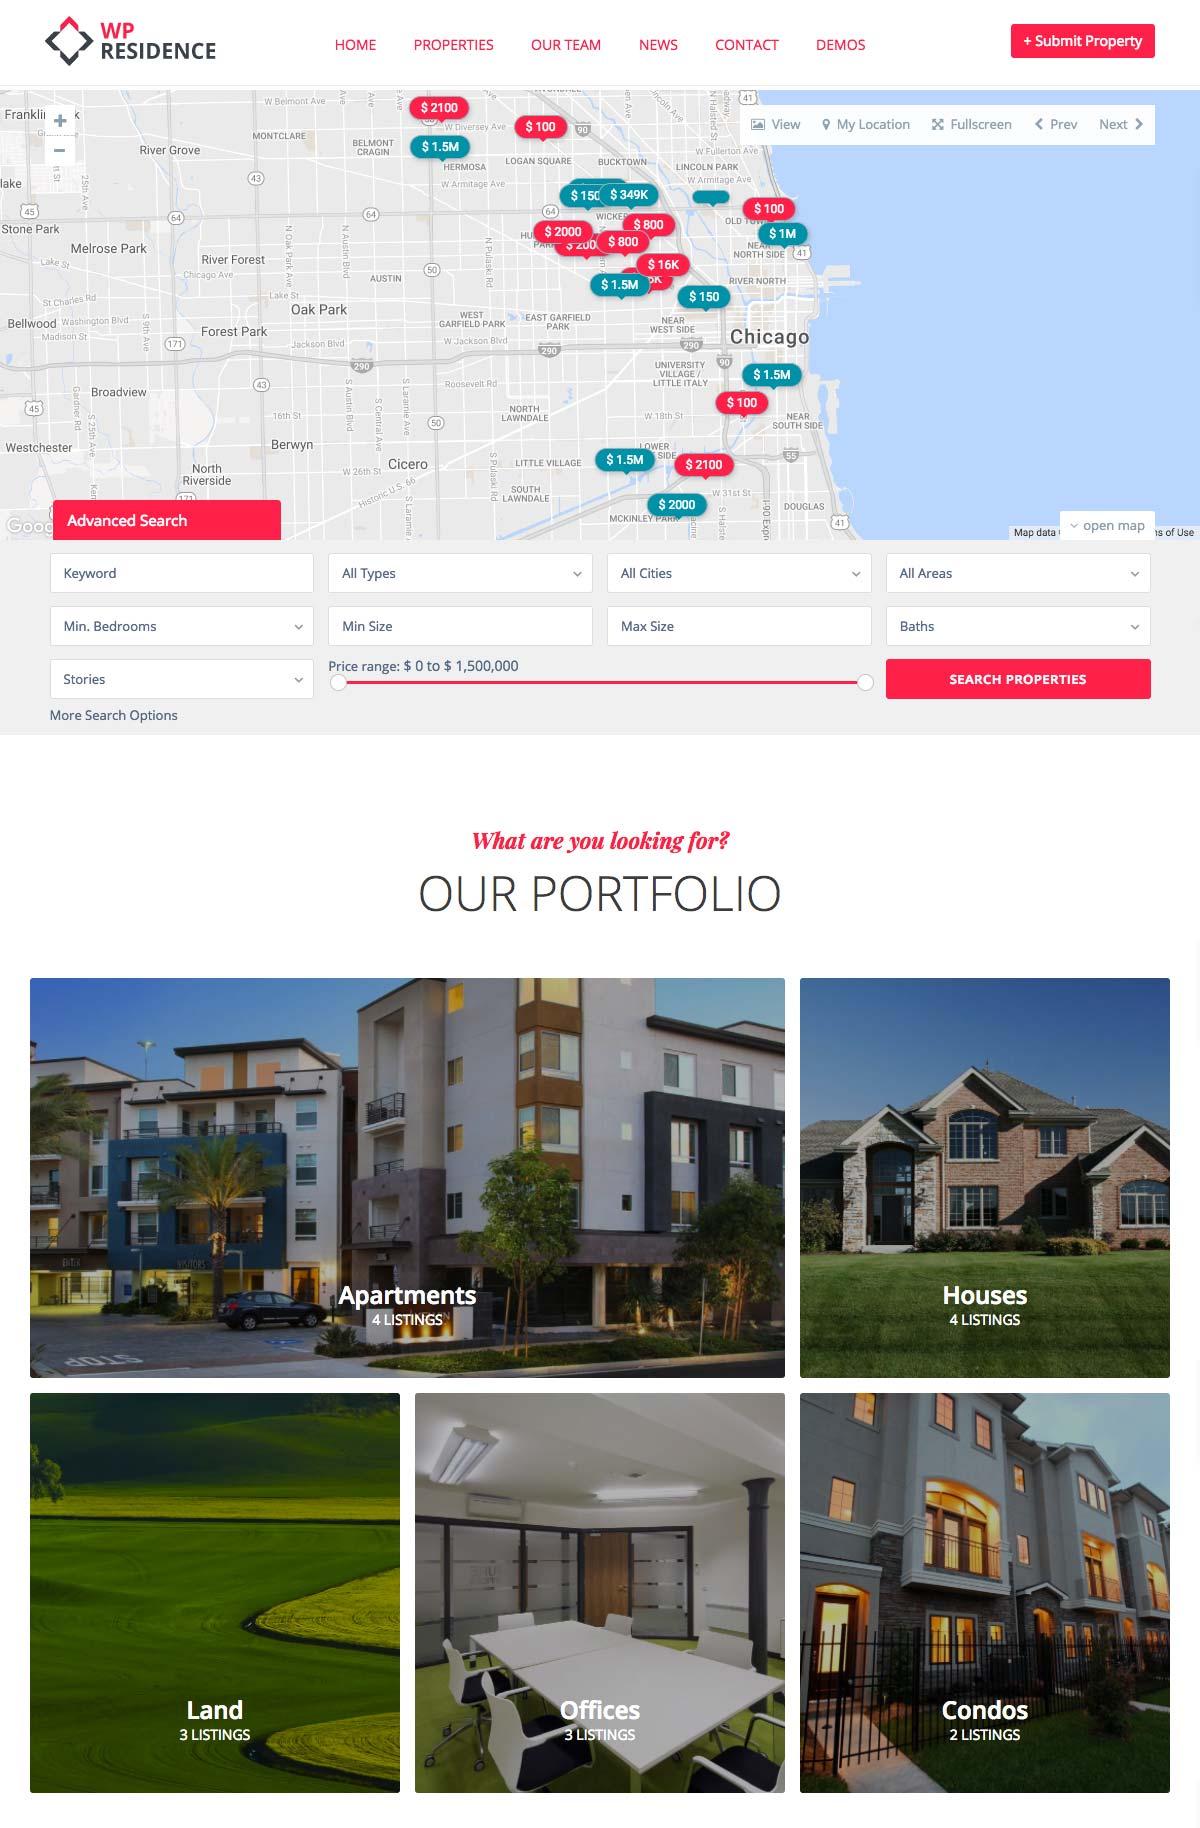 Wordpress Template Landing Page Real Estate